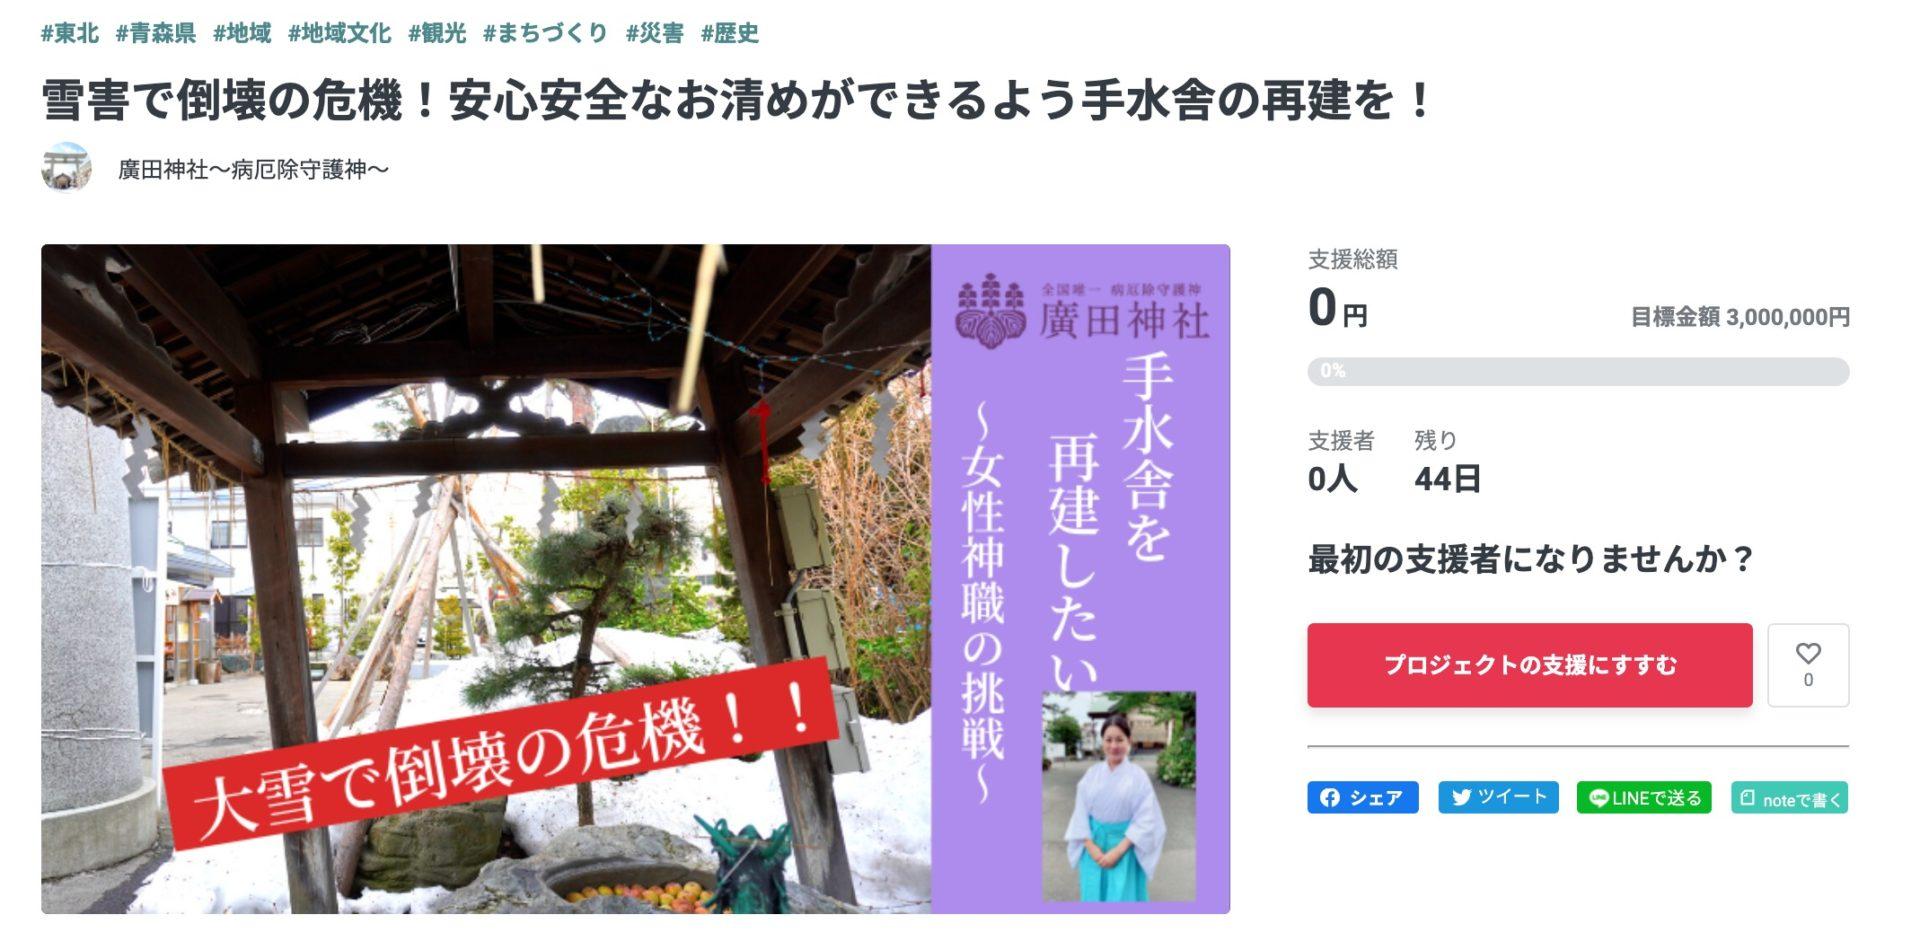 【女性神職の挑戦】廣田神社がクラウドファンデングプロジェクトを開始